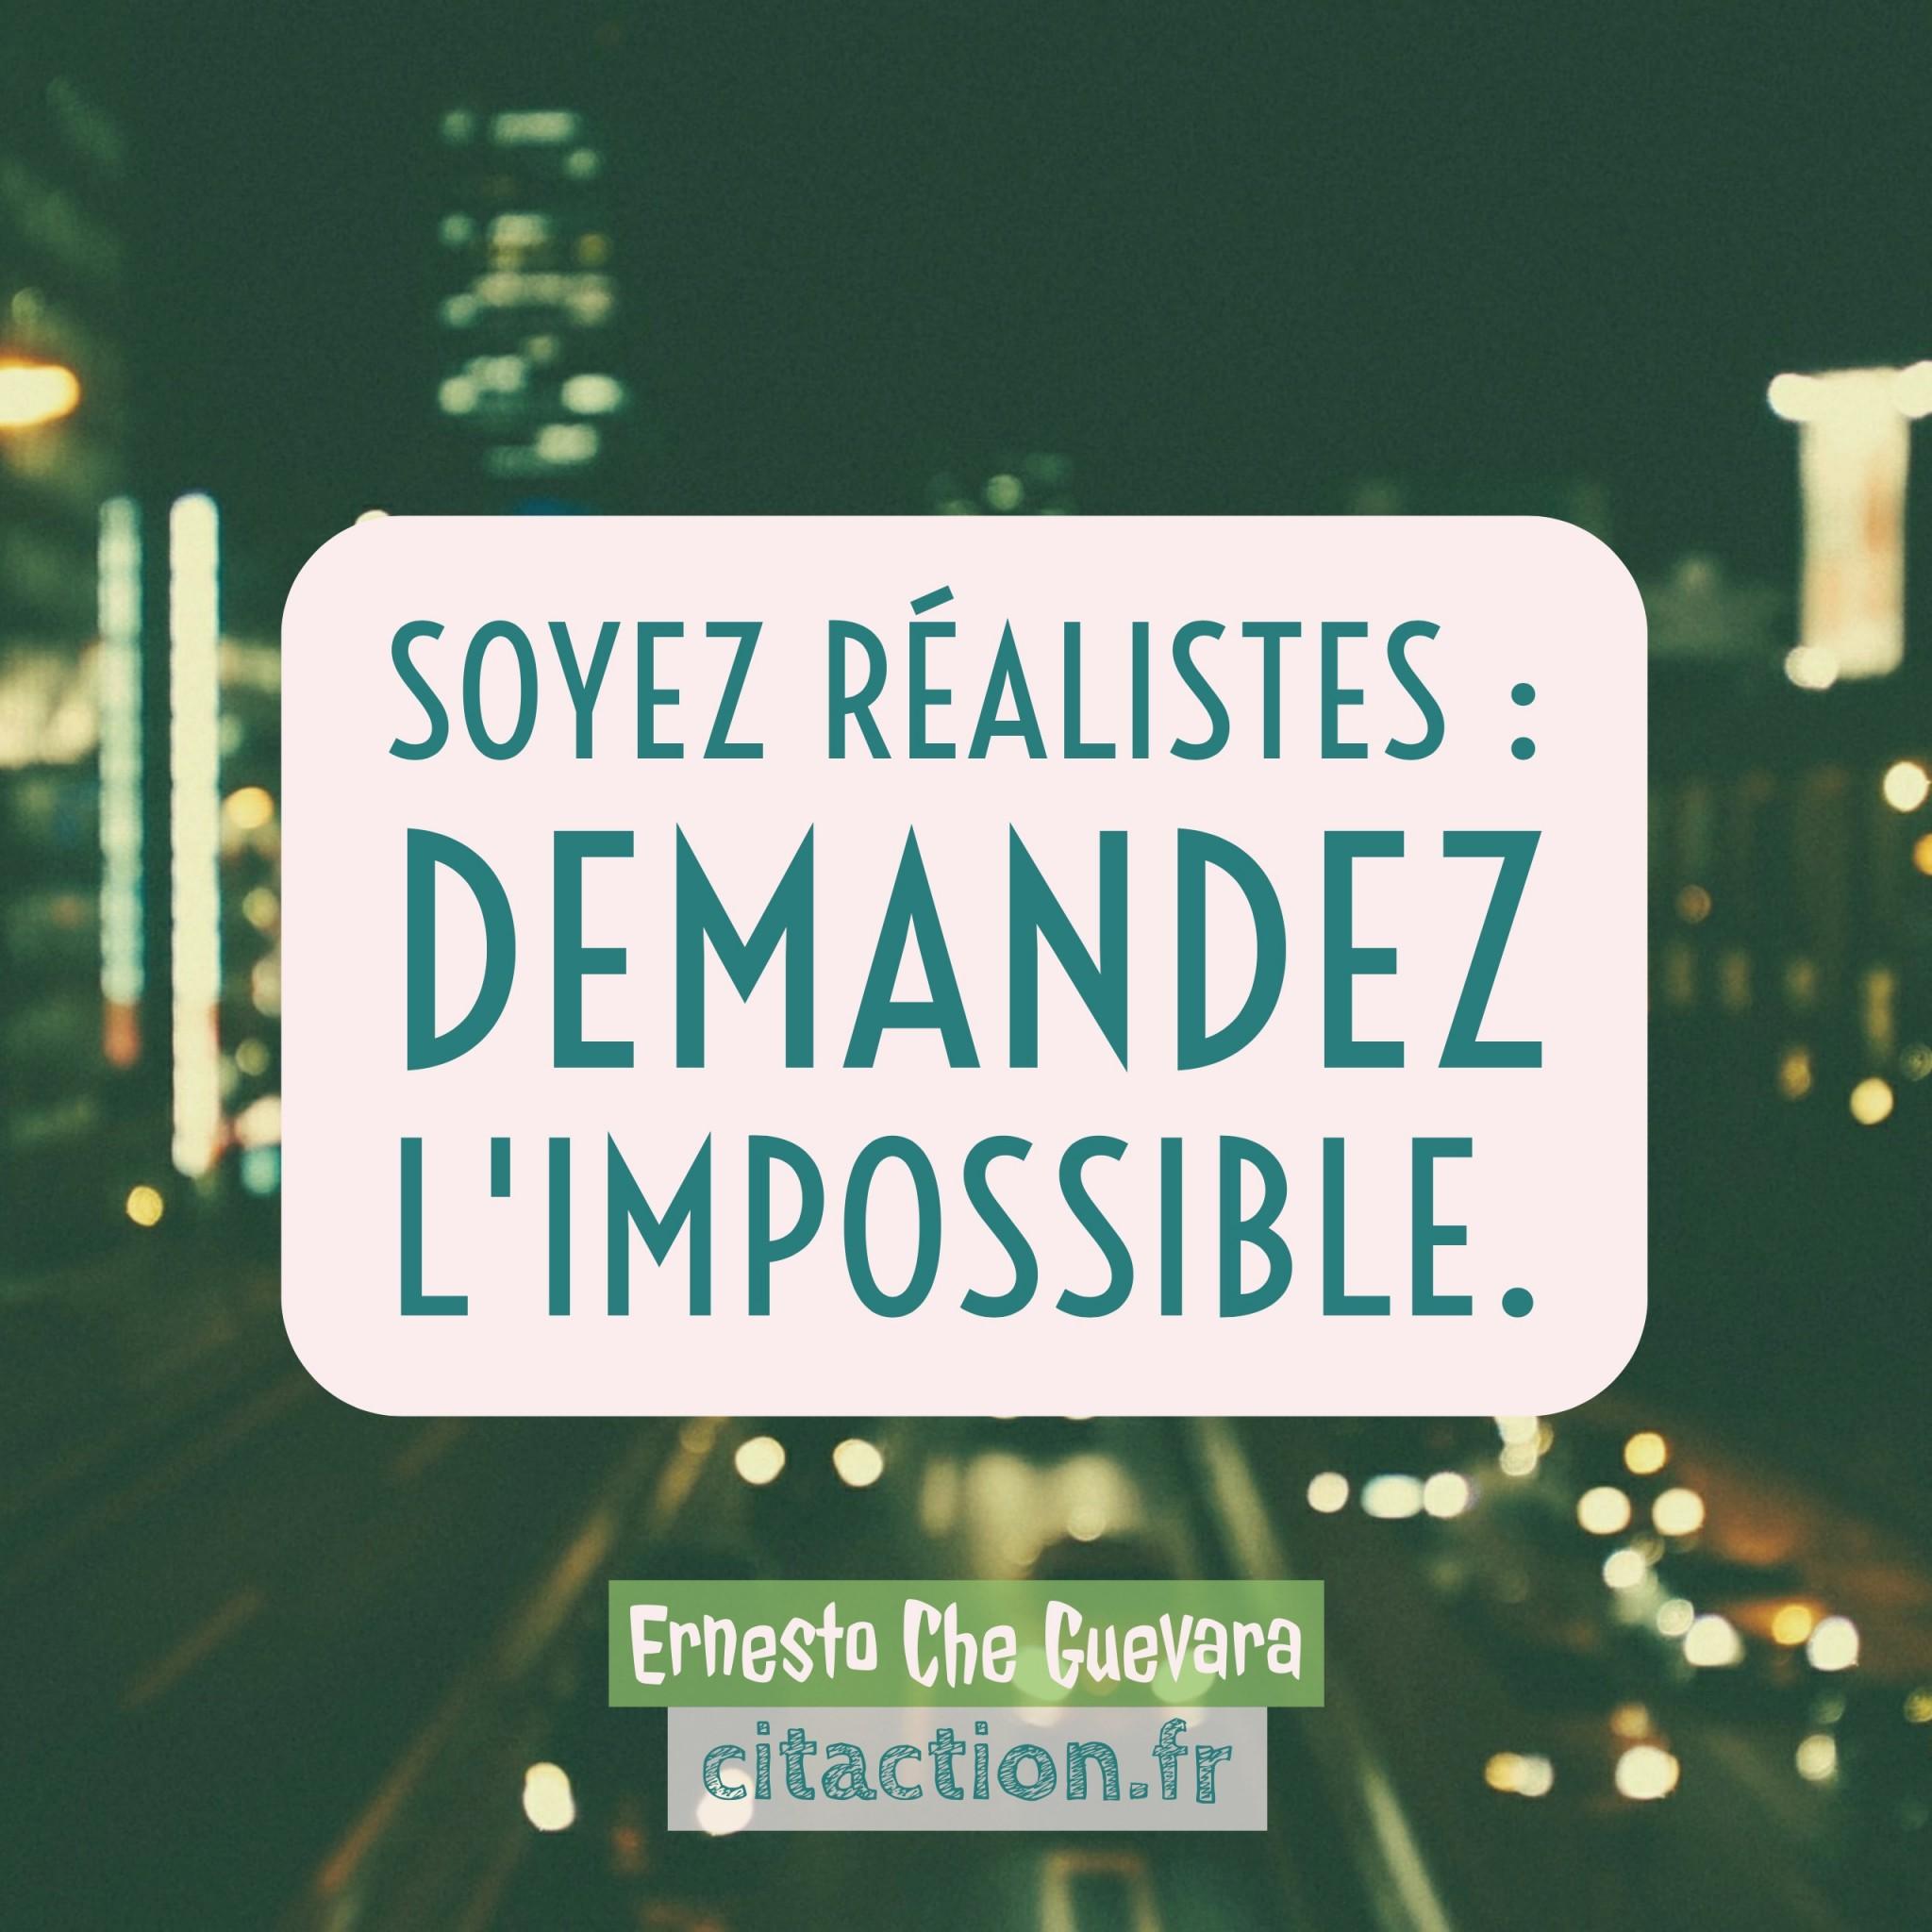 Soyez réalistes: demandez l'impossible.